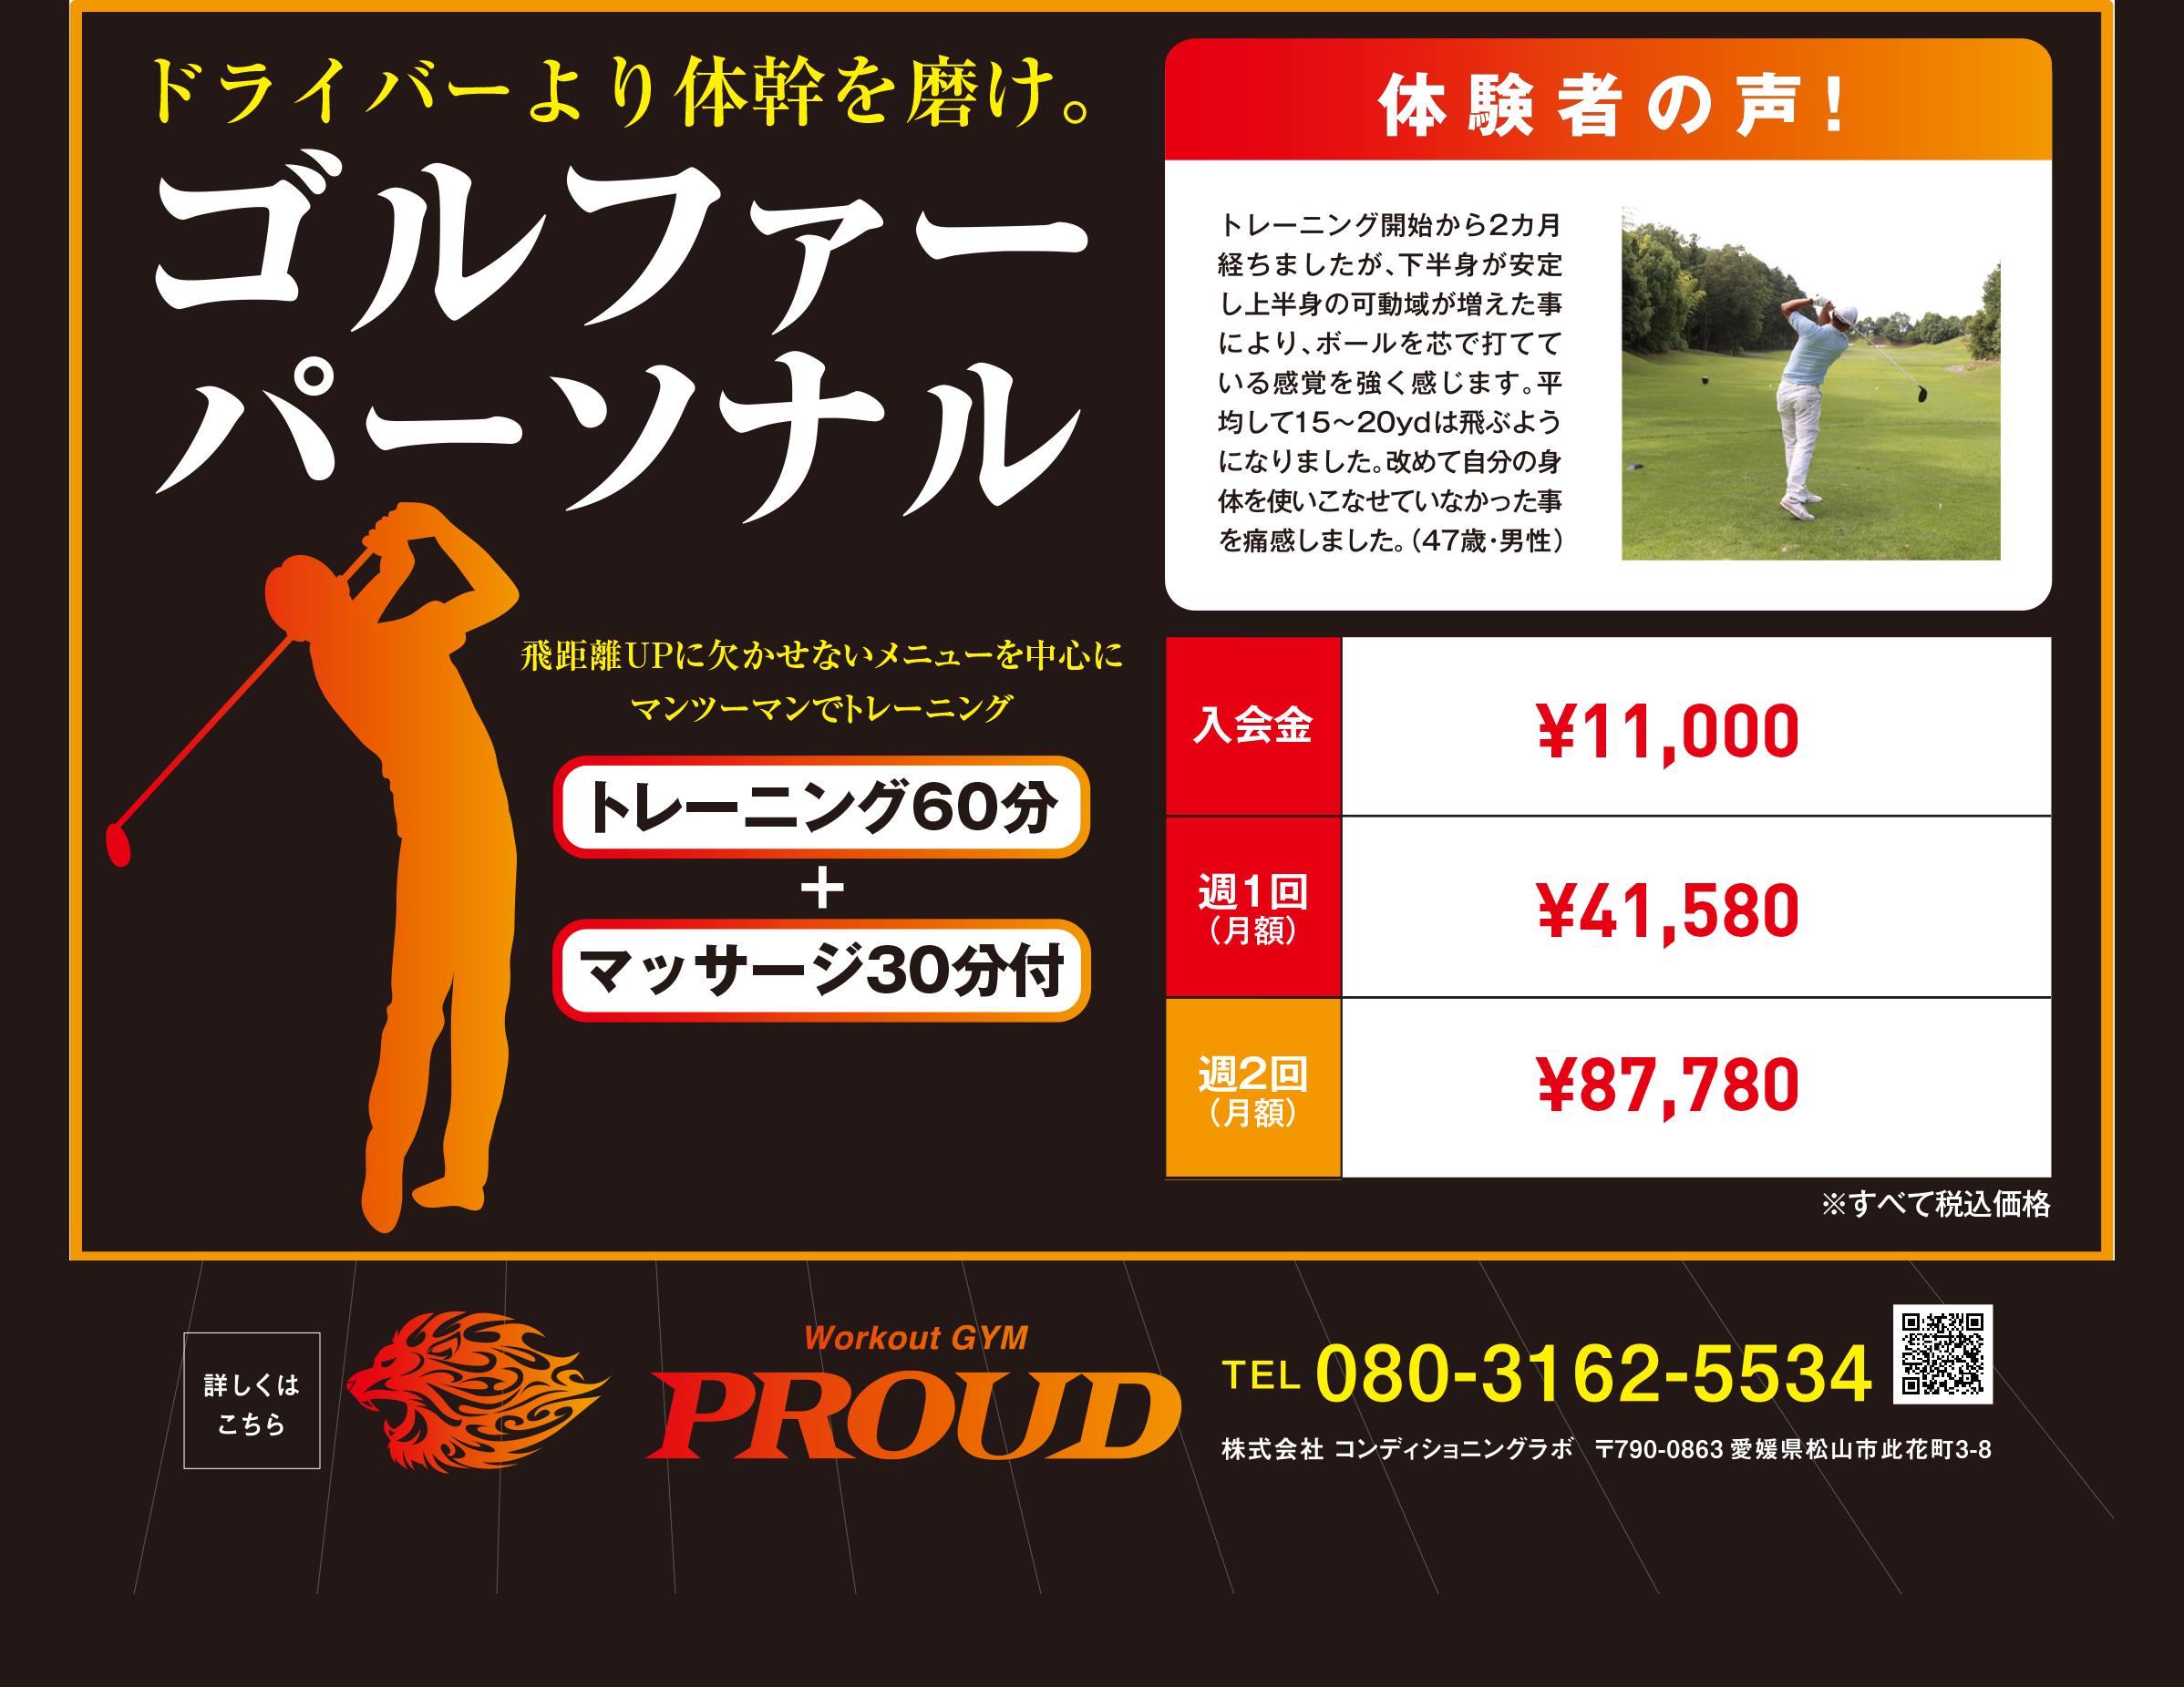 ゴルフパーソナルトレーニングは飛距離アップに欠かせないメニューを中心にマンツーマンでトレーニングします!お試しトレーニング4000円もあります!